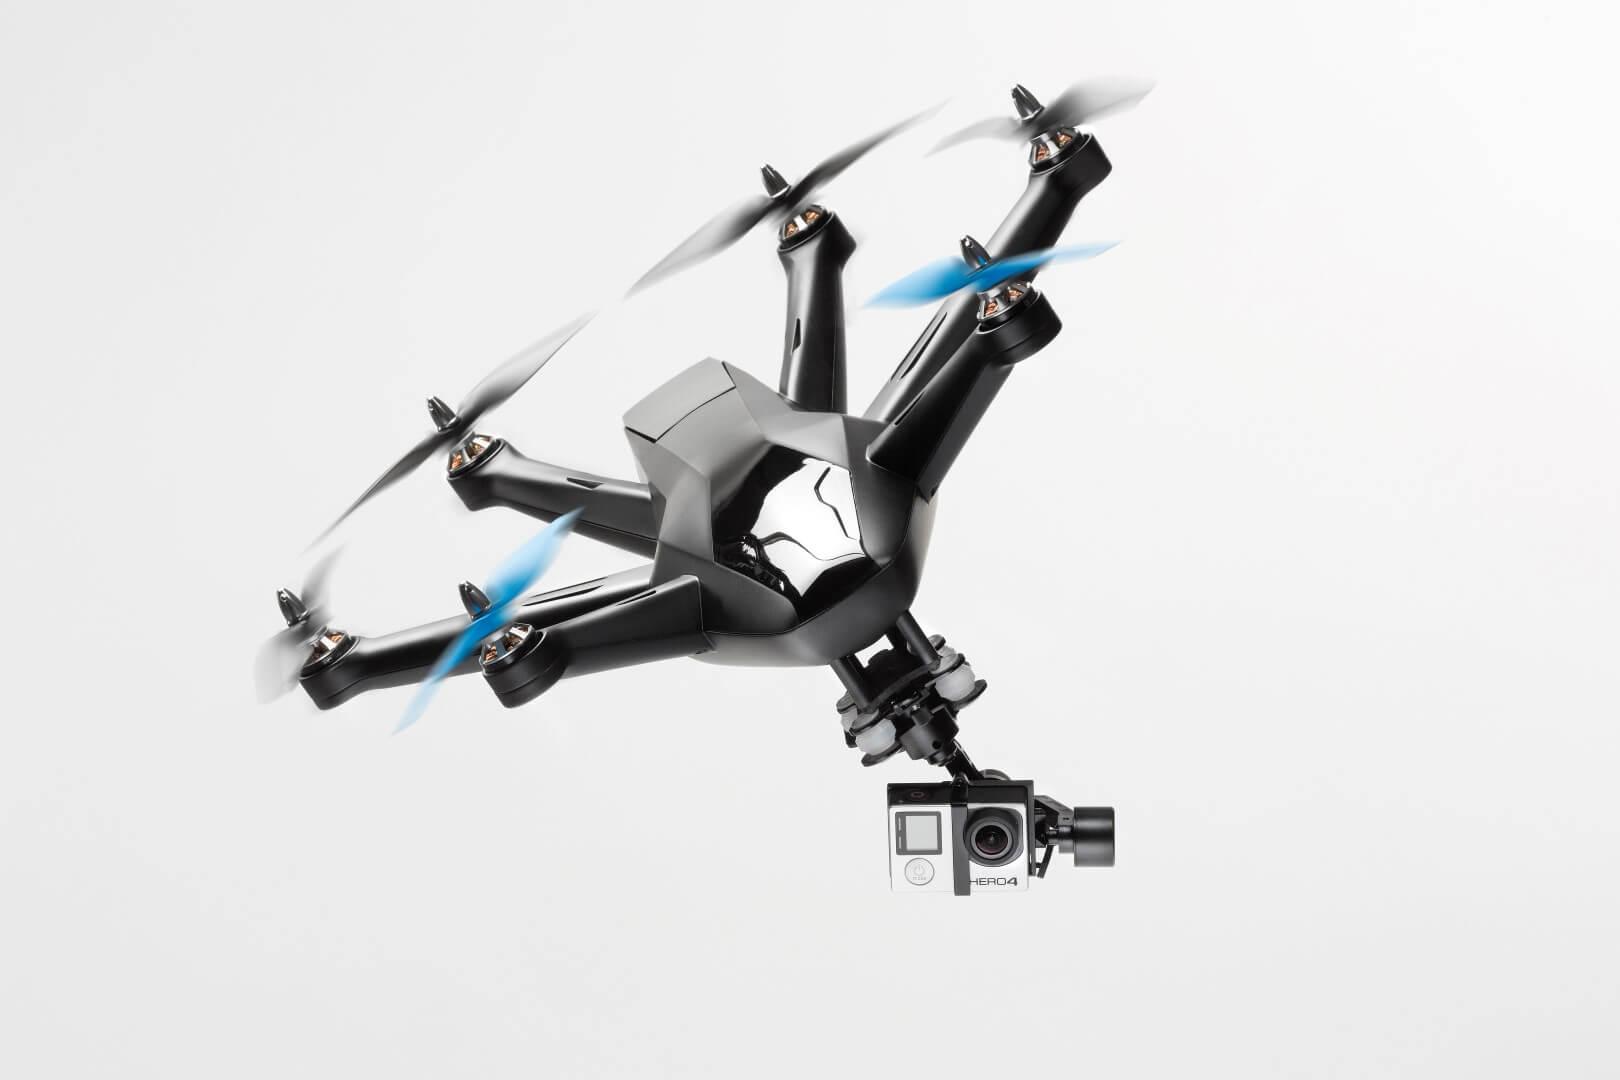 drone autonome